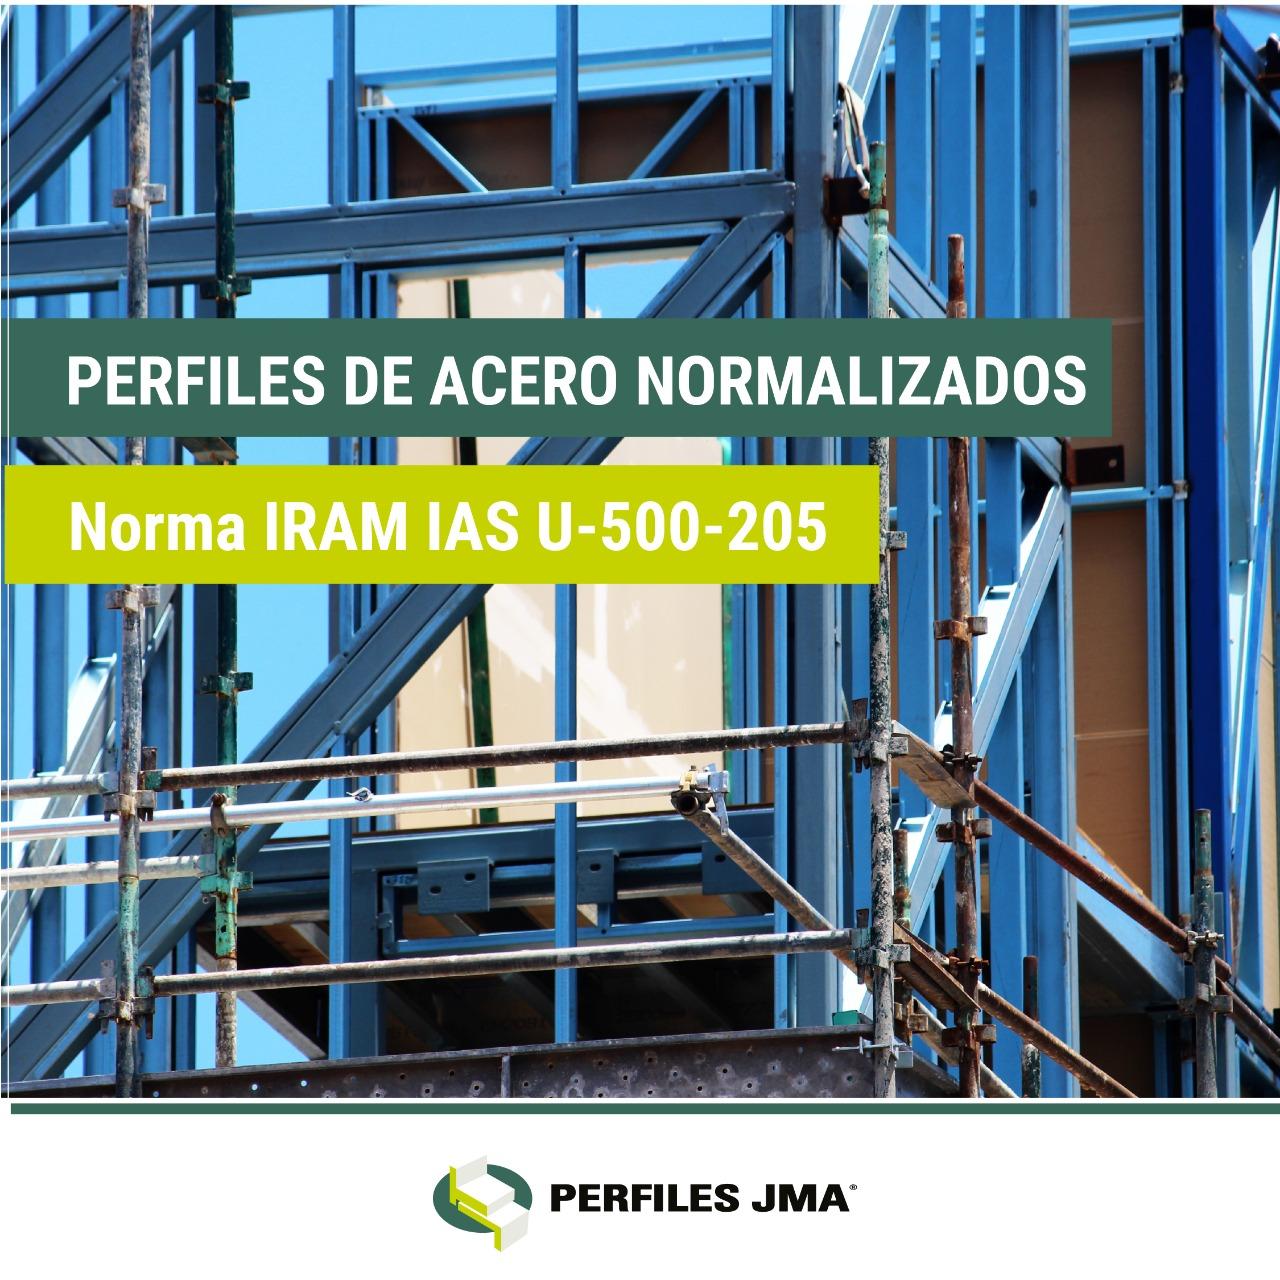 PERFILES DE ACERO NORMALIZADOS